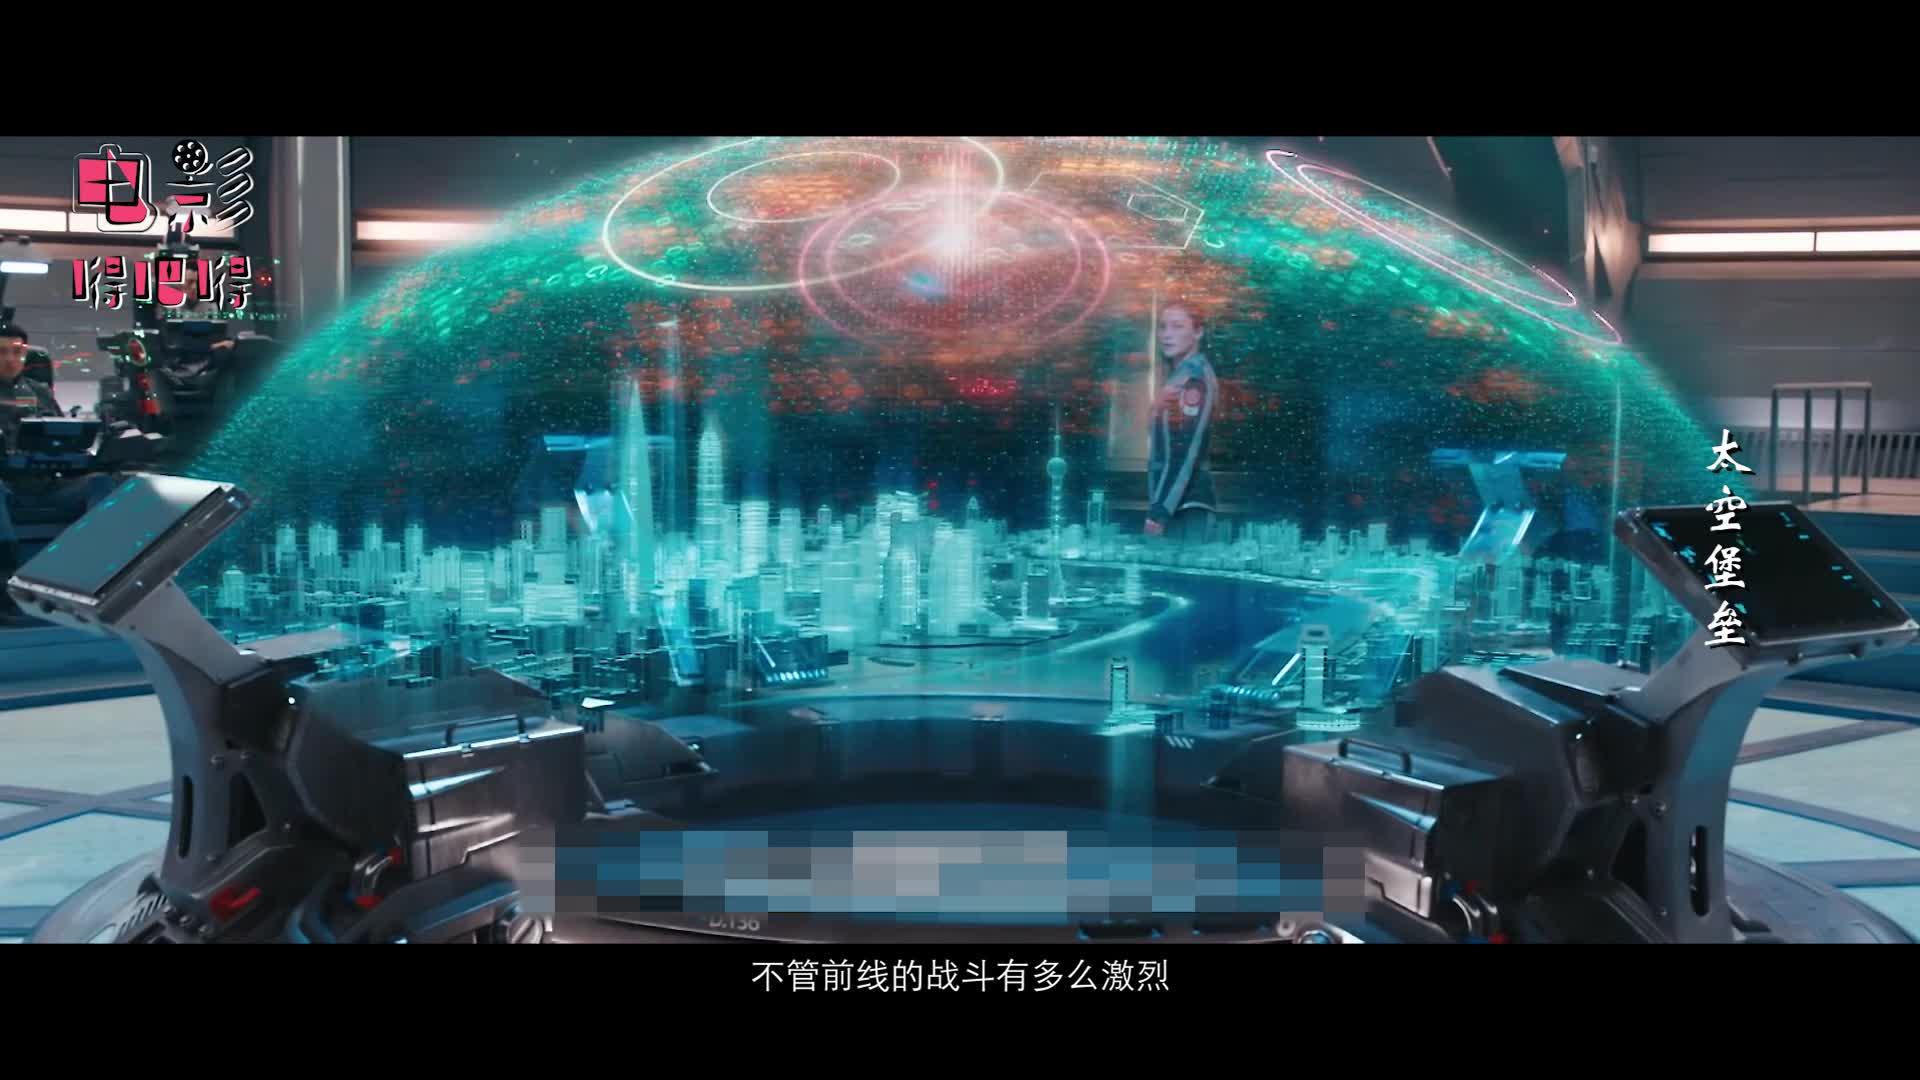 #上海堡垒#全程高能:爆笑吐槽年度烂片《上海堡垒》,让你看看它究竟烂在哪